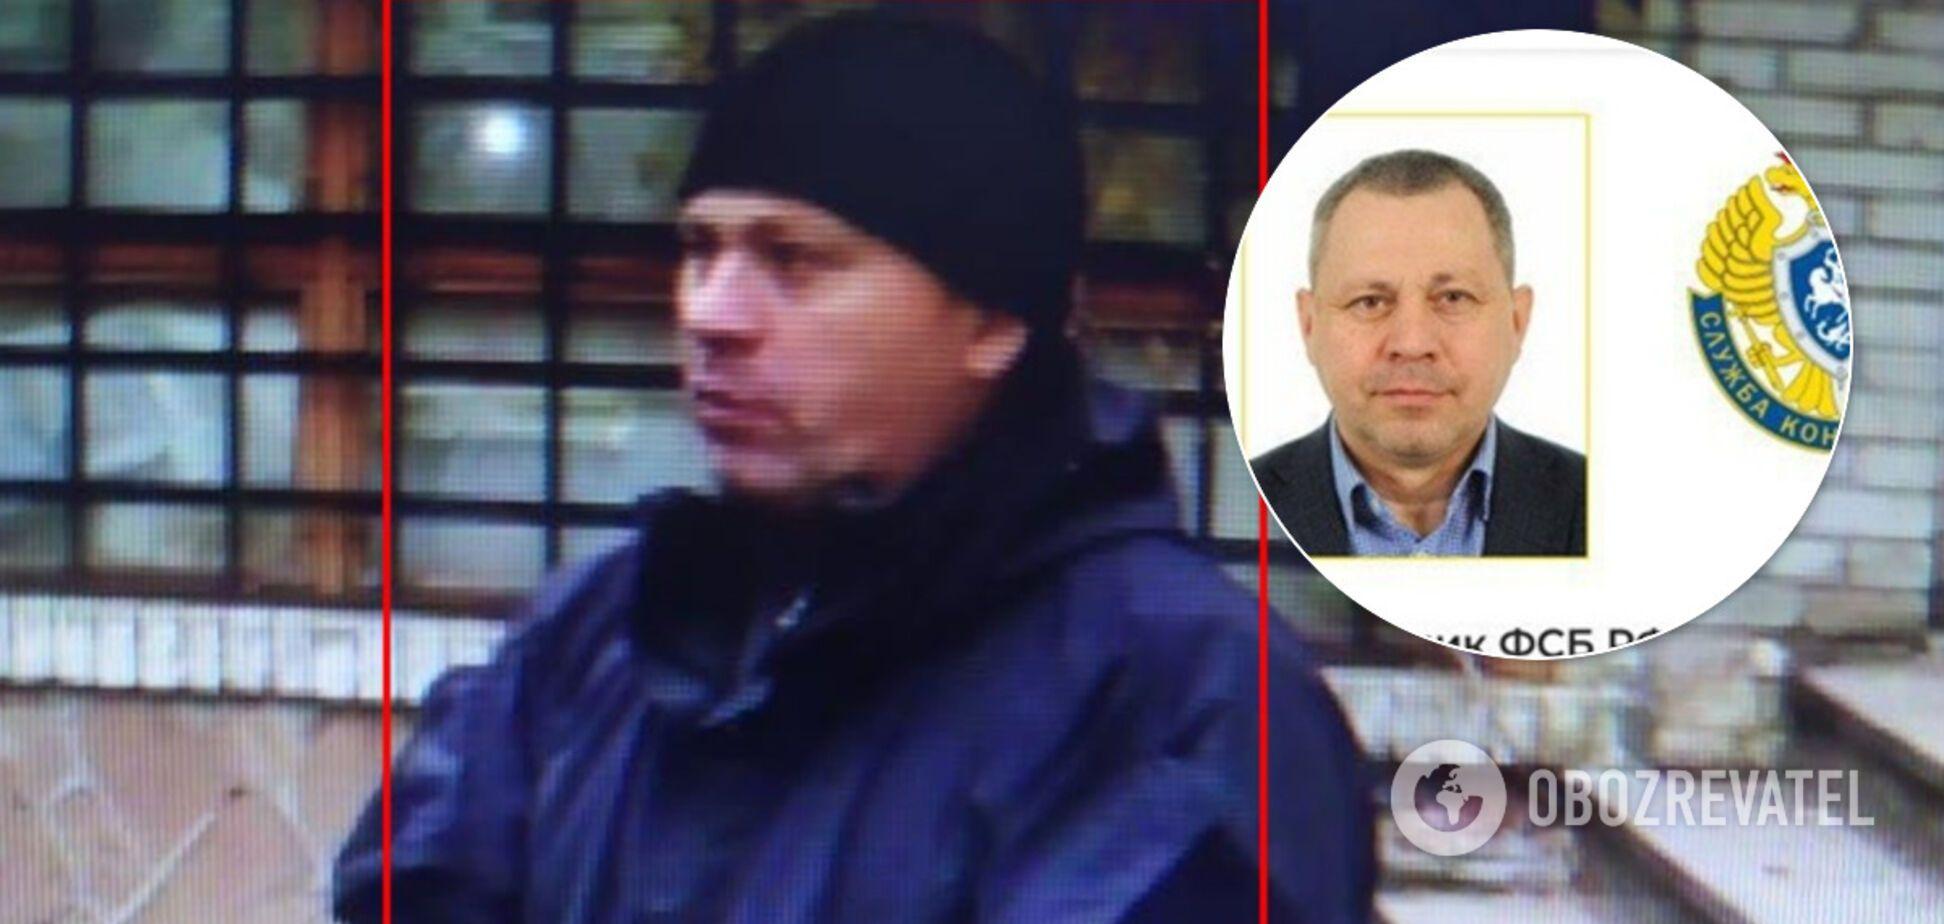 Игорь Егоров ФСБ